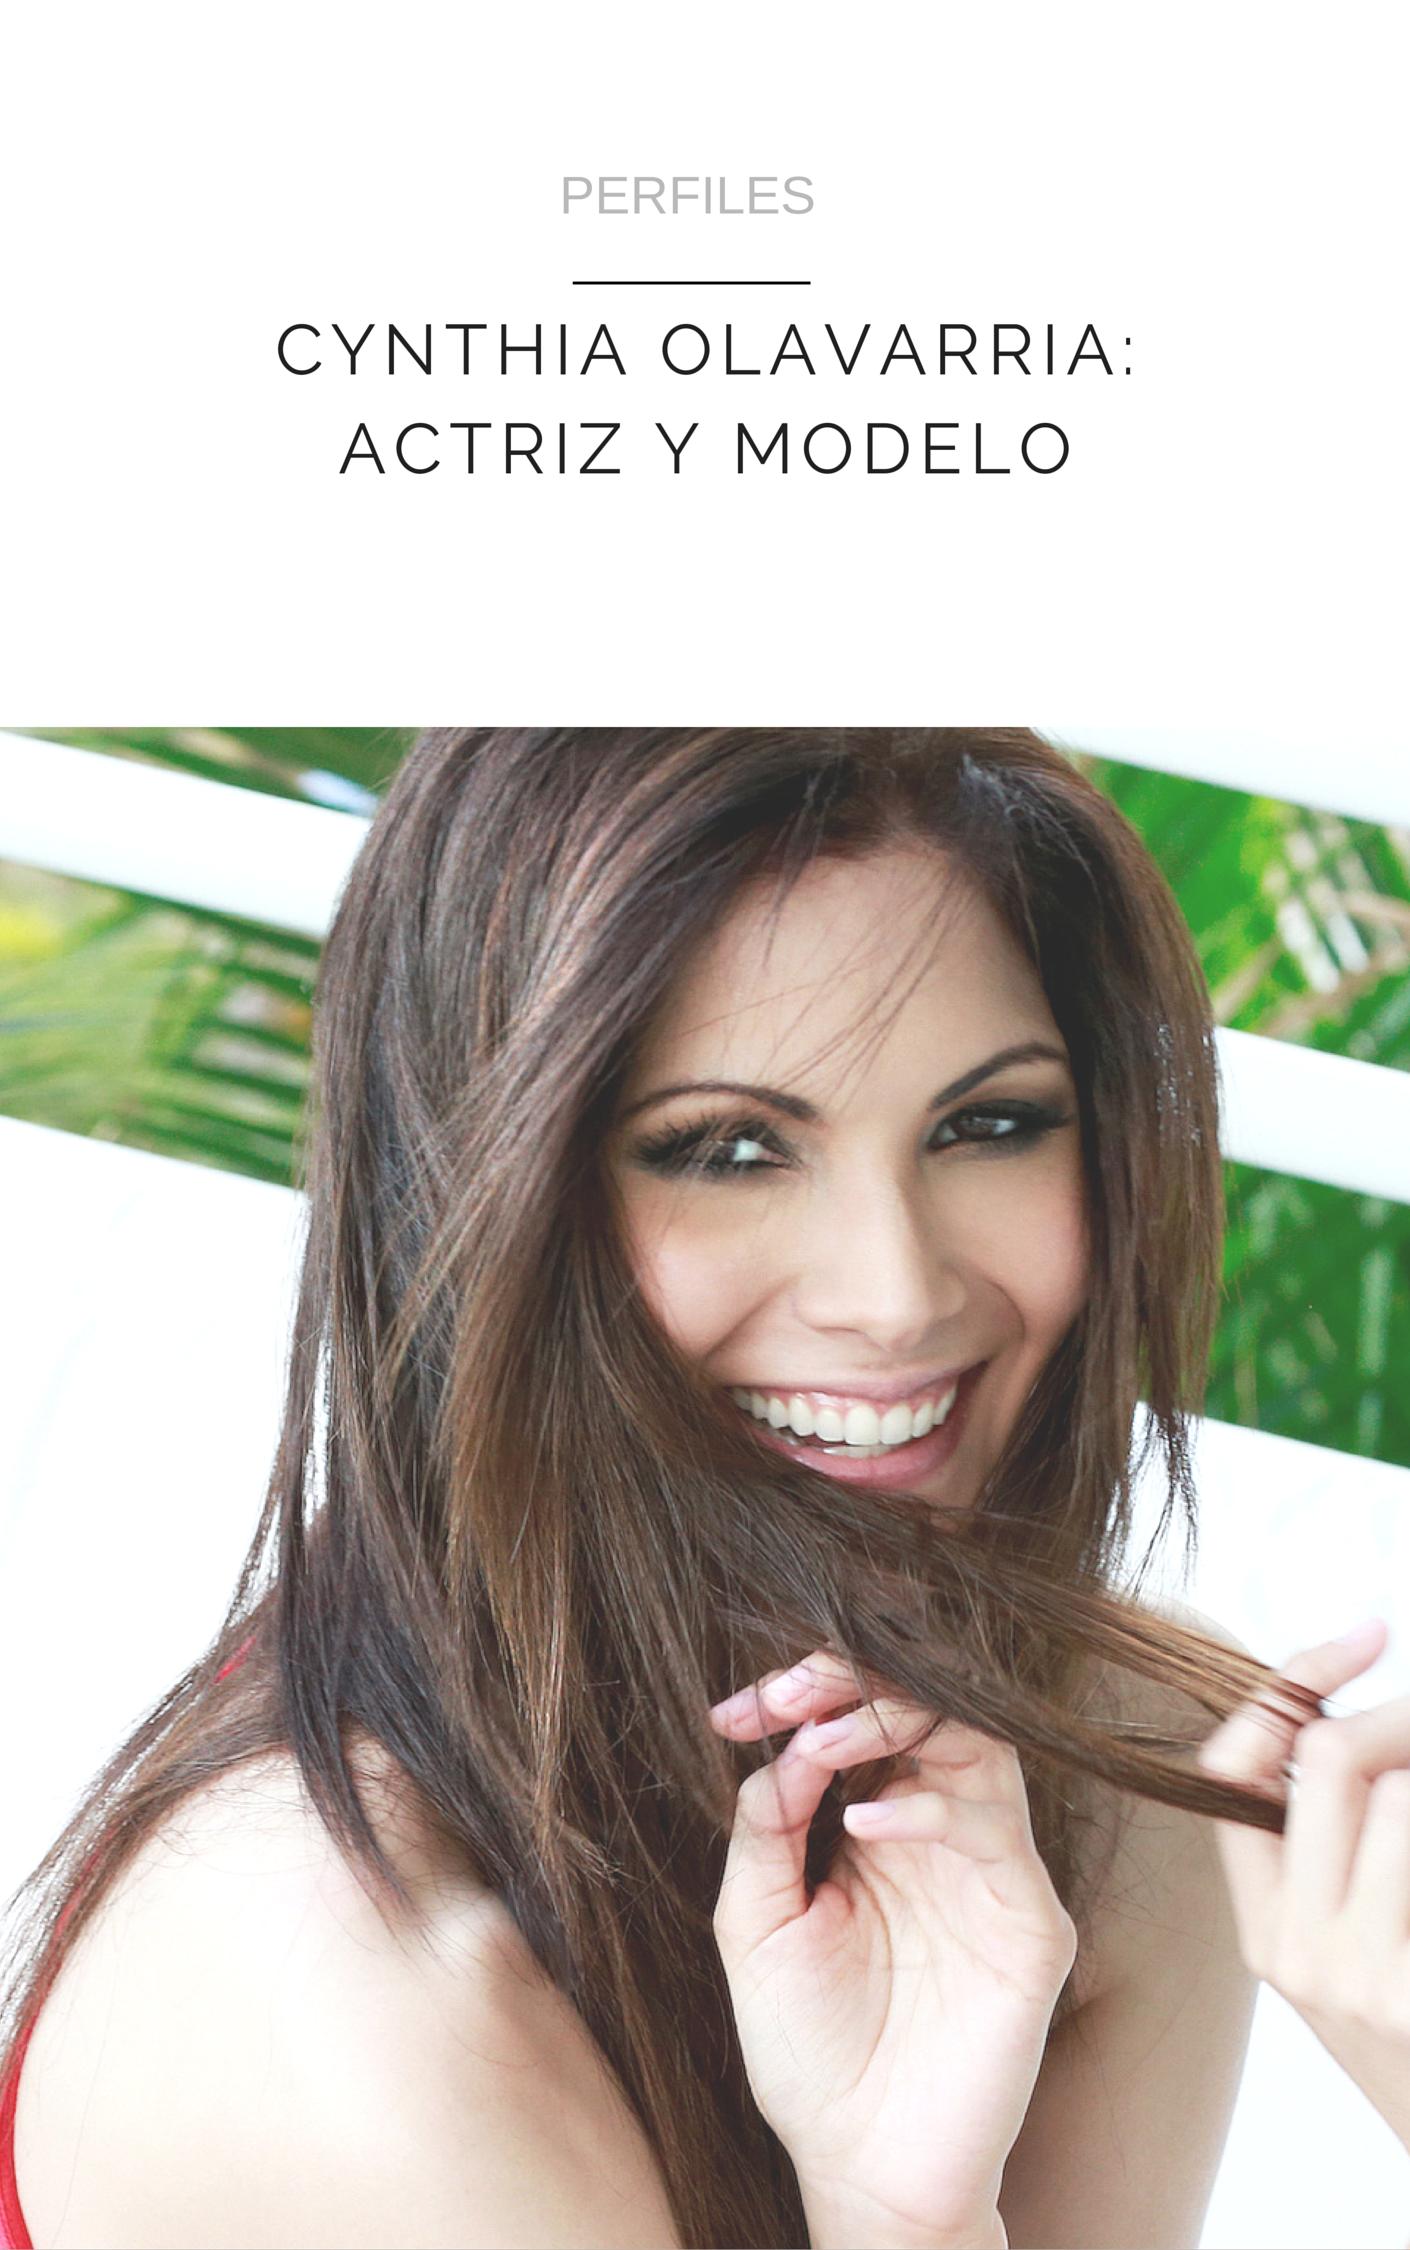 CYNTHIA OLAVARRIA: ACTRIZ Y MODELO